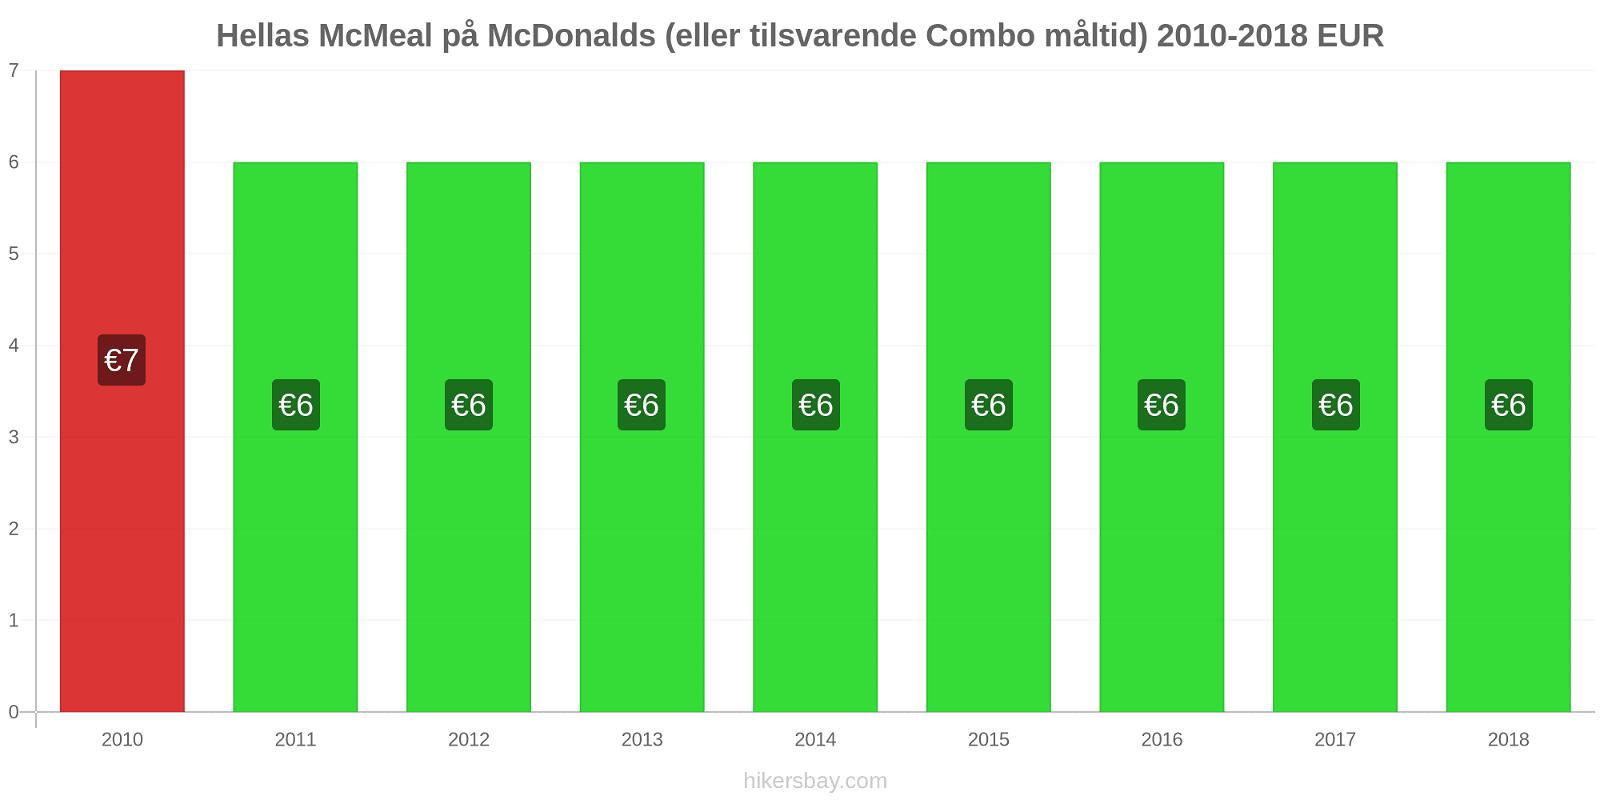 Hellas prisendringer McMeal på McDonalds (eller tilsvarende Combo måltid) hikersbay.com